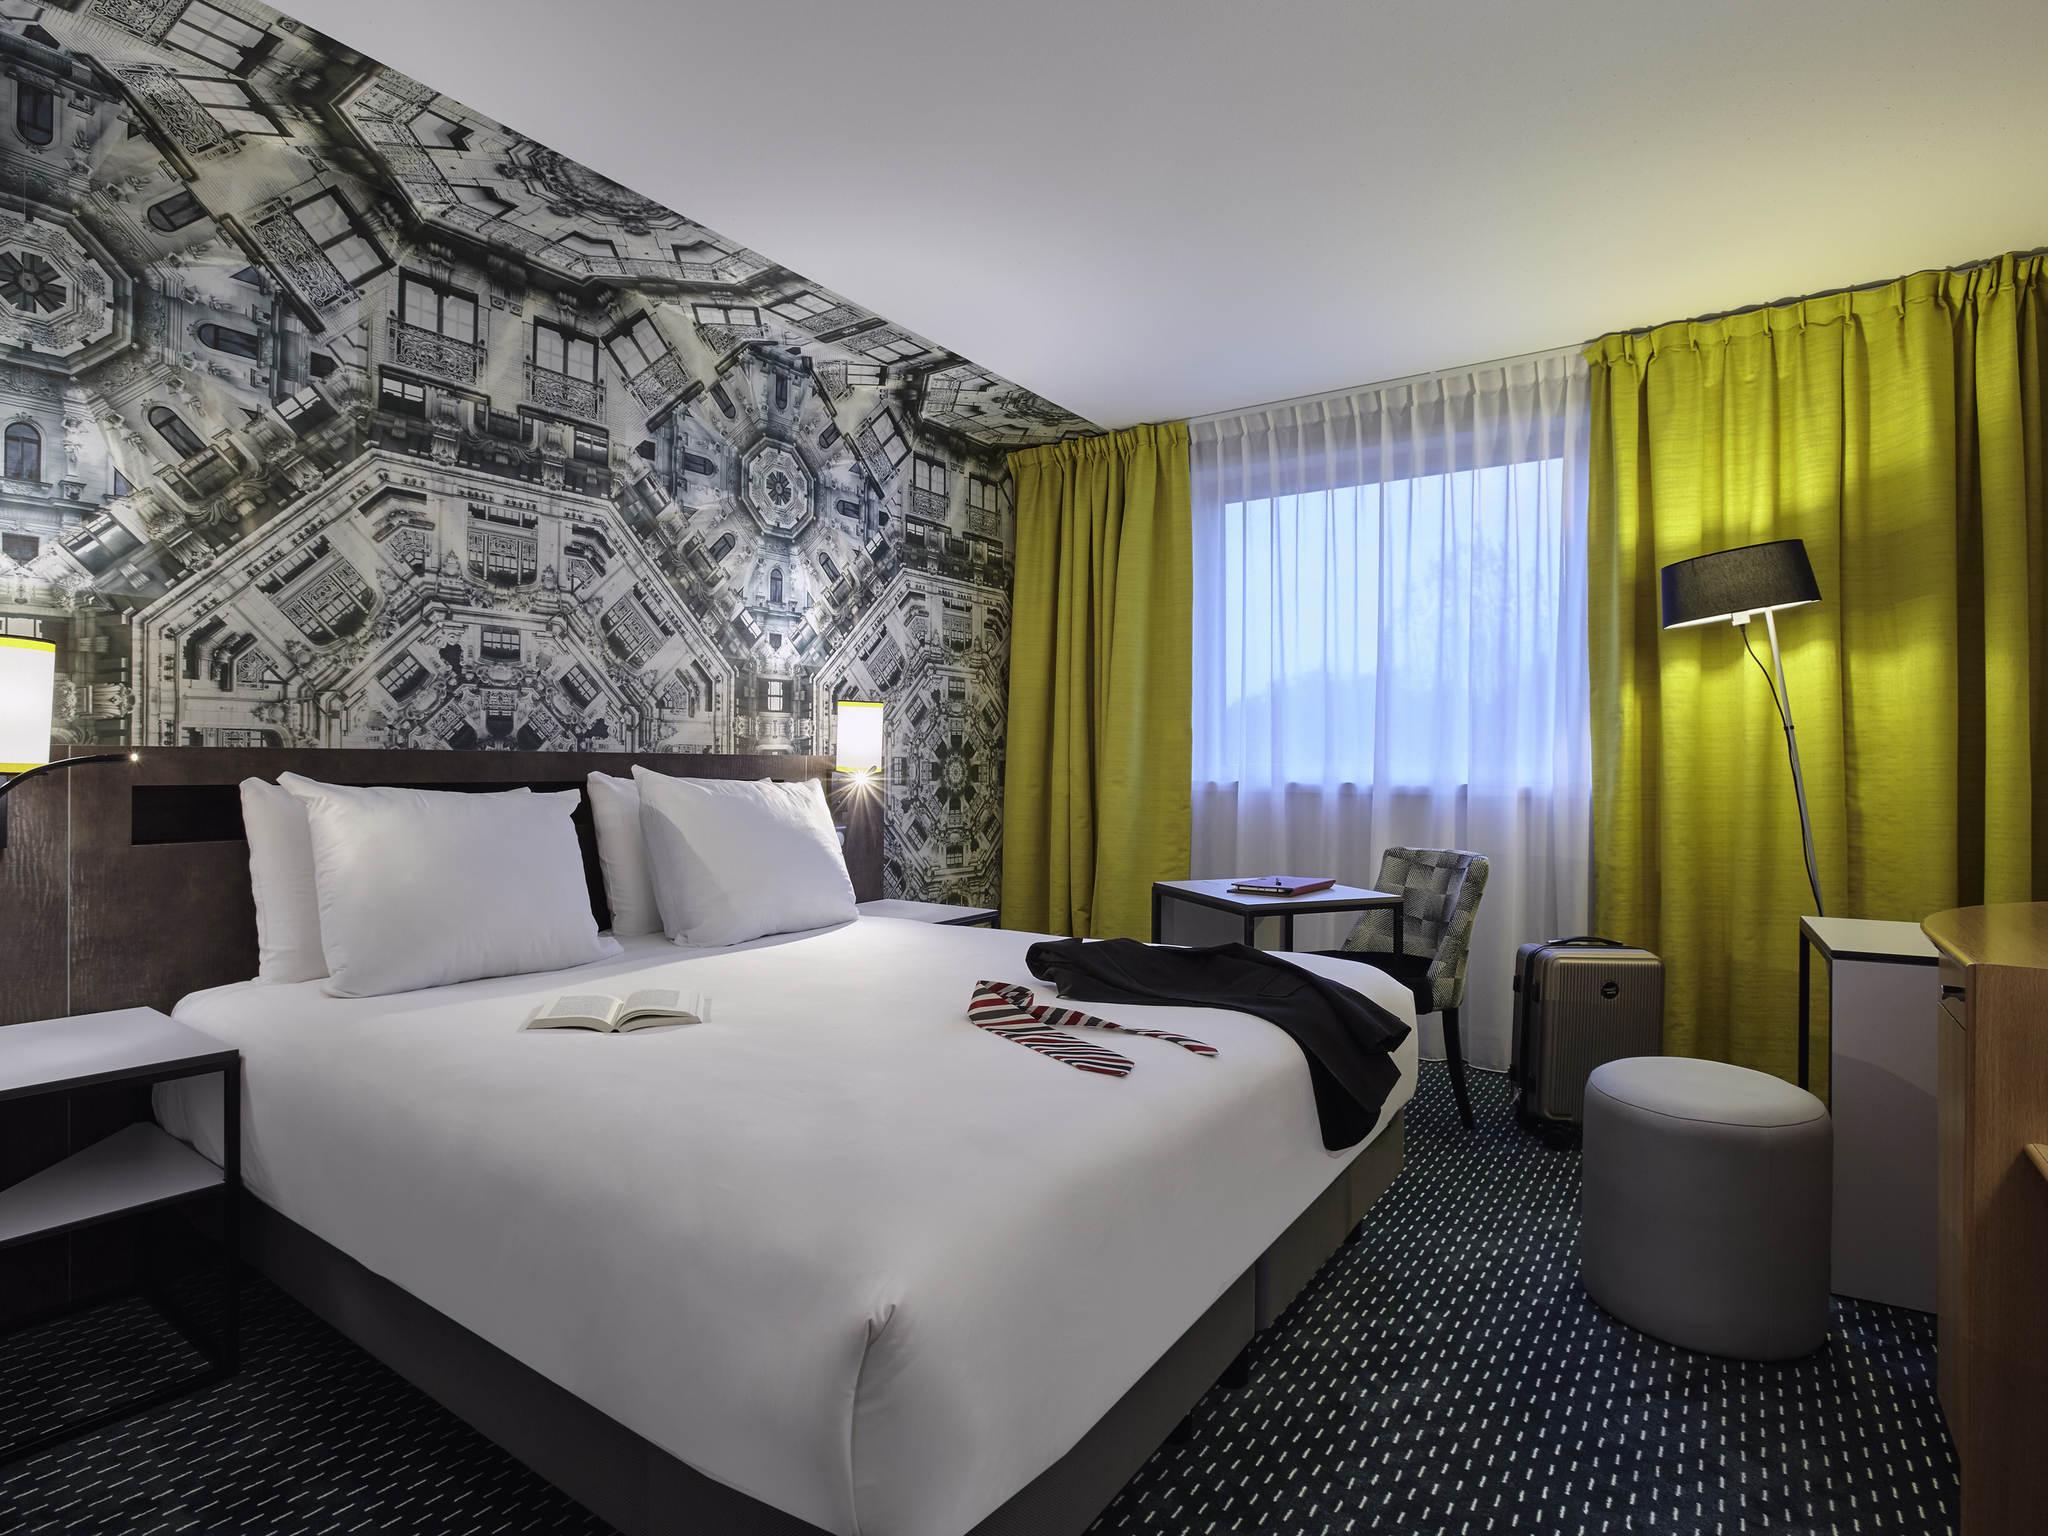 Hotel – Albergo Mercure Parigi Roissy Charles de Gaulle